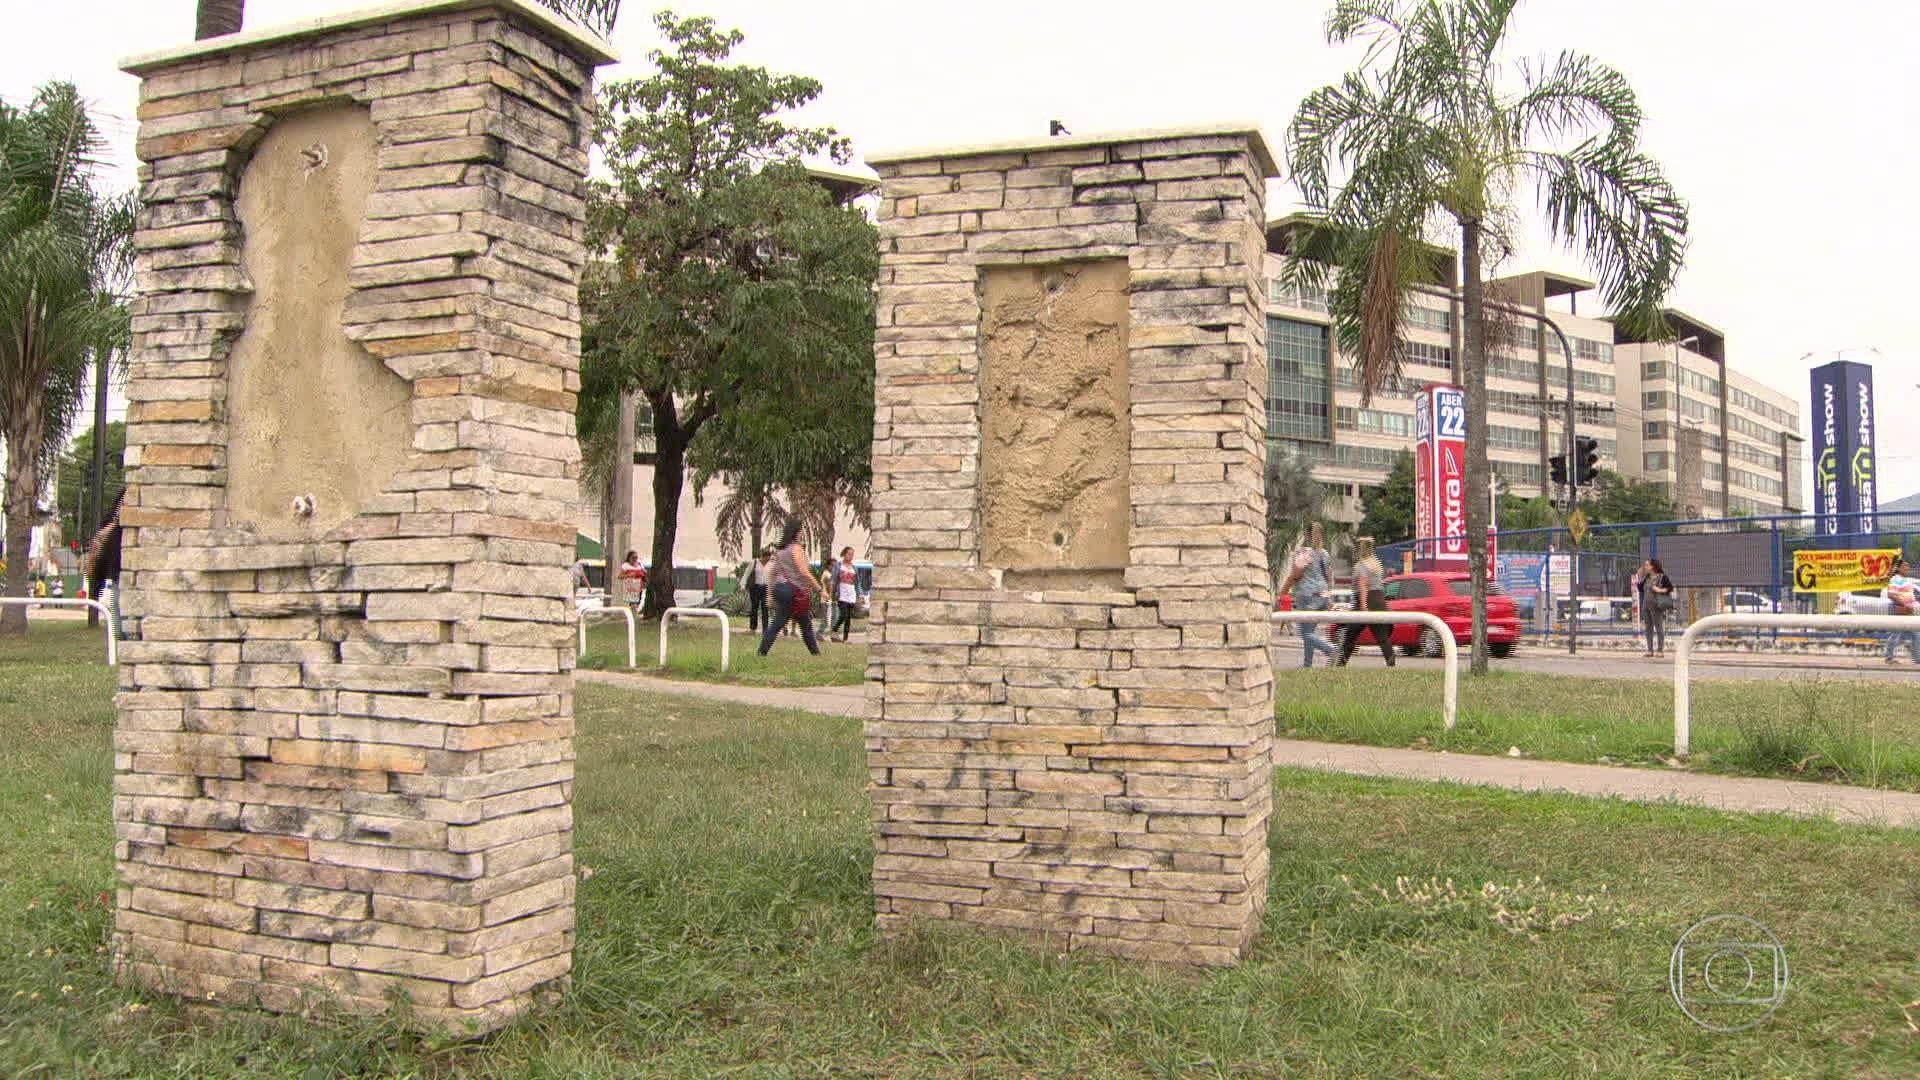 Rio gastou R$ 3 milhões ano passado para recuperar monumentos que foram vandalizados